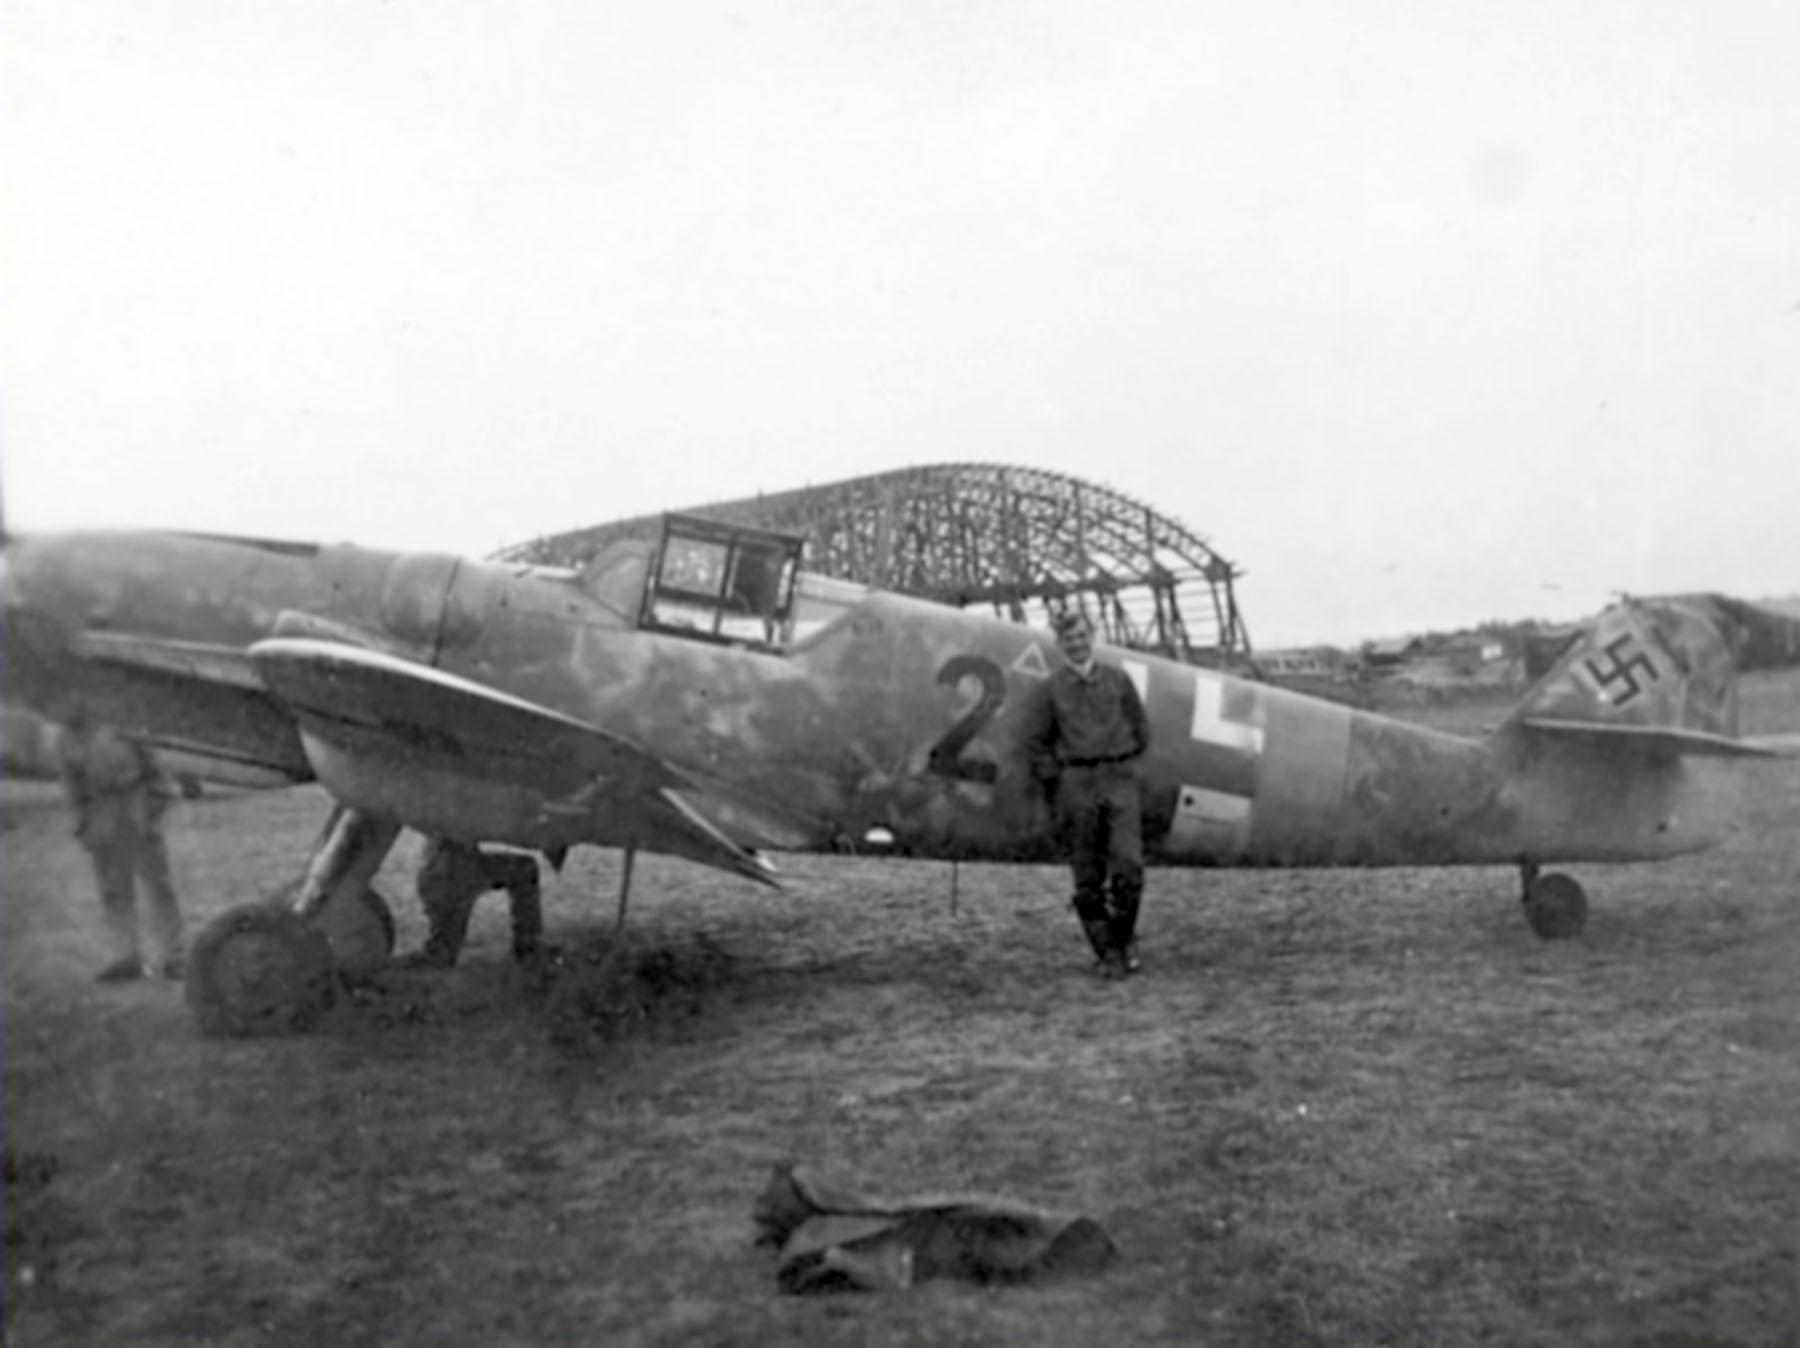 Messerschmitt Bf 109G6R6 Reichsverteidigung Black 2 unknown unit and pilot 03